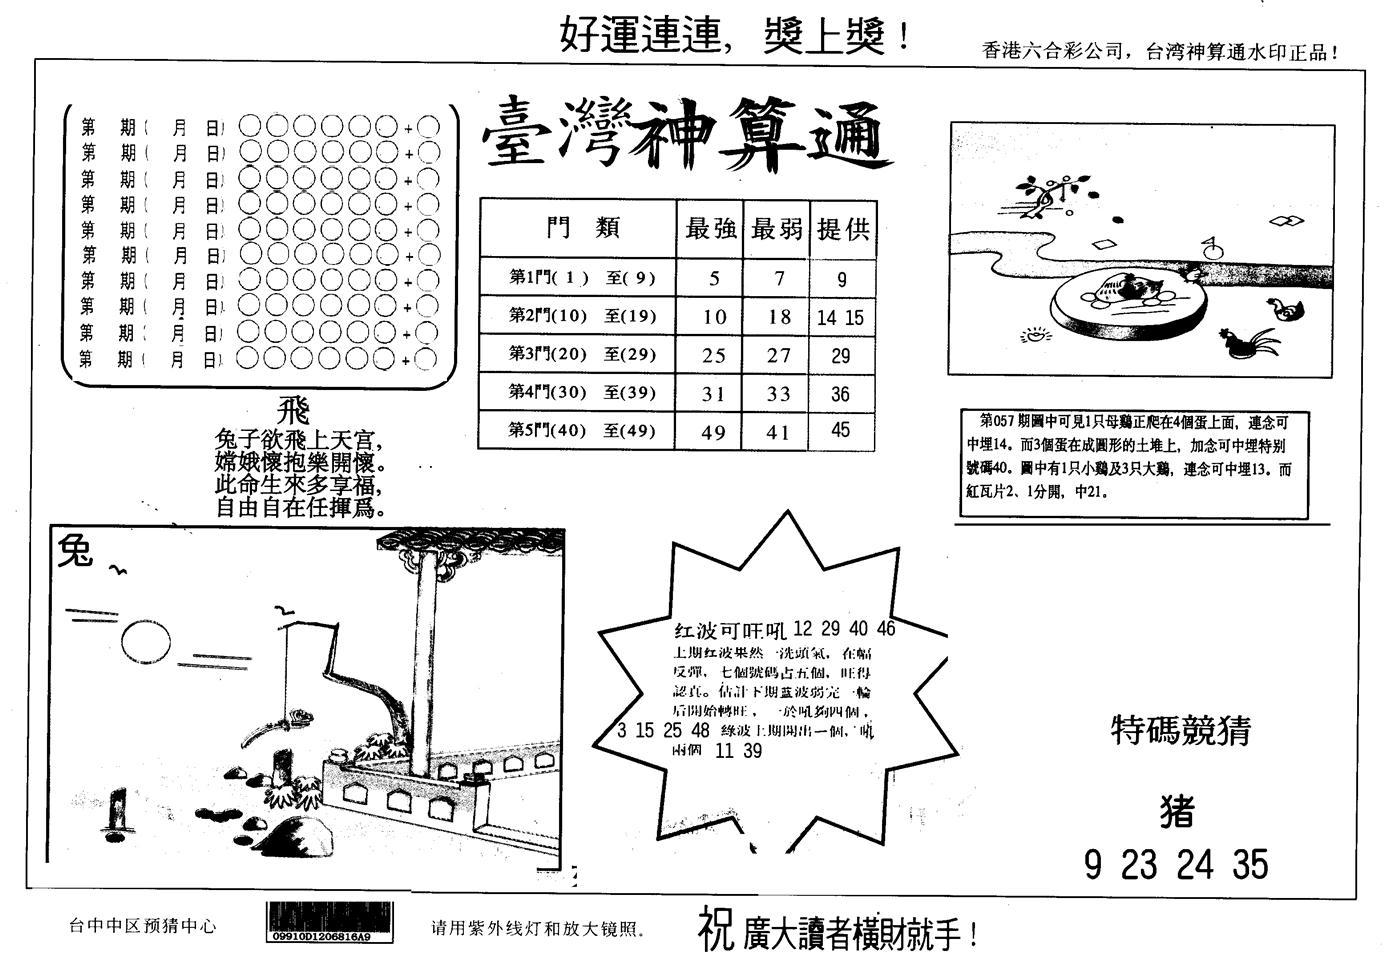 057期另版台湾神算